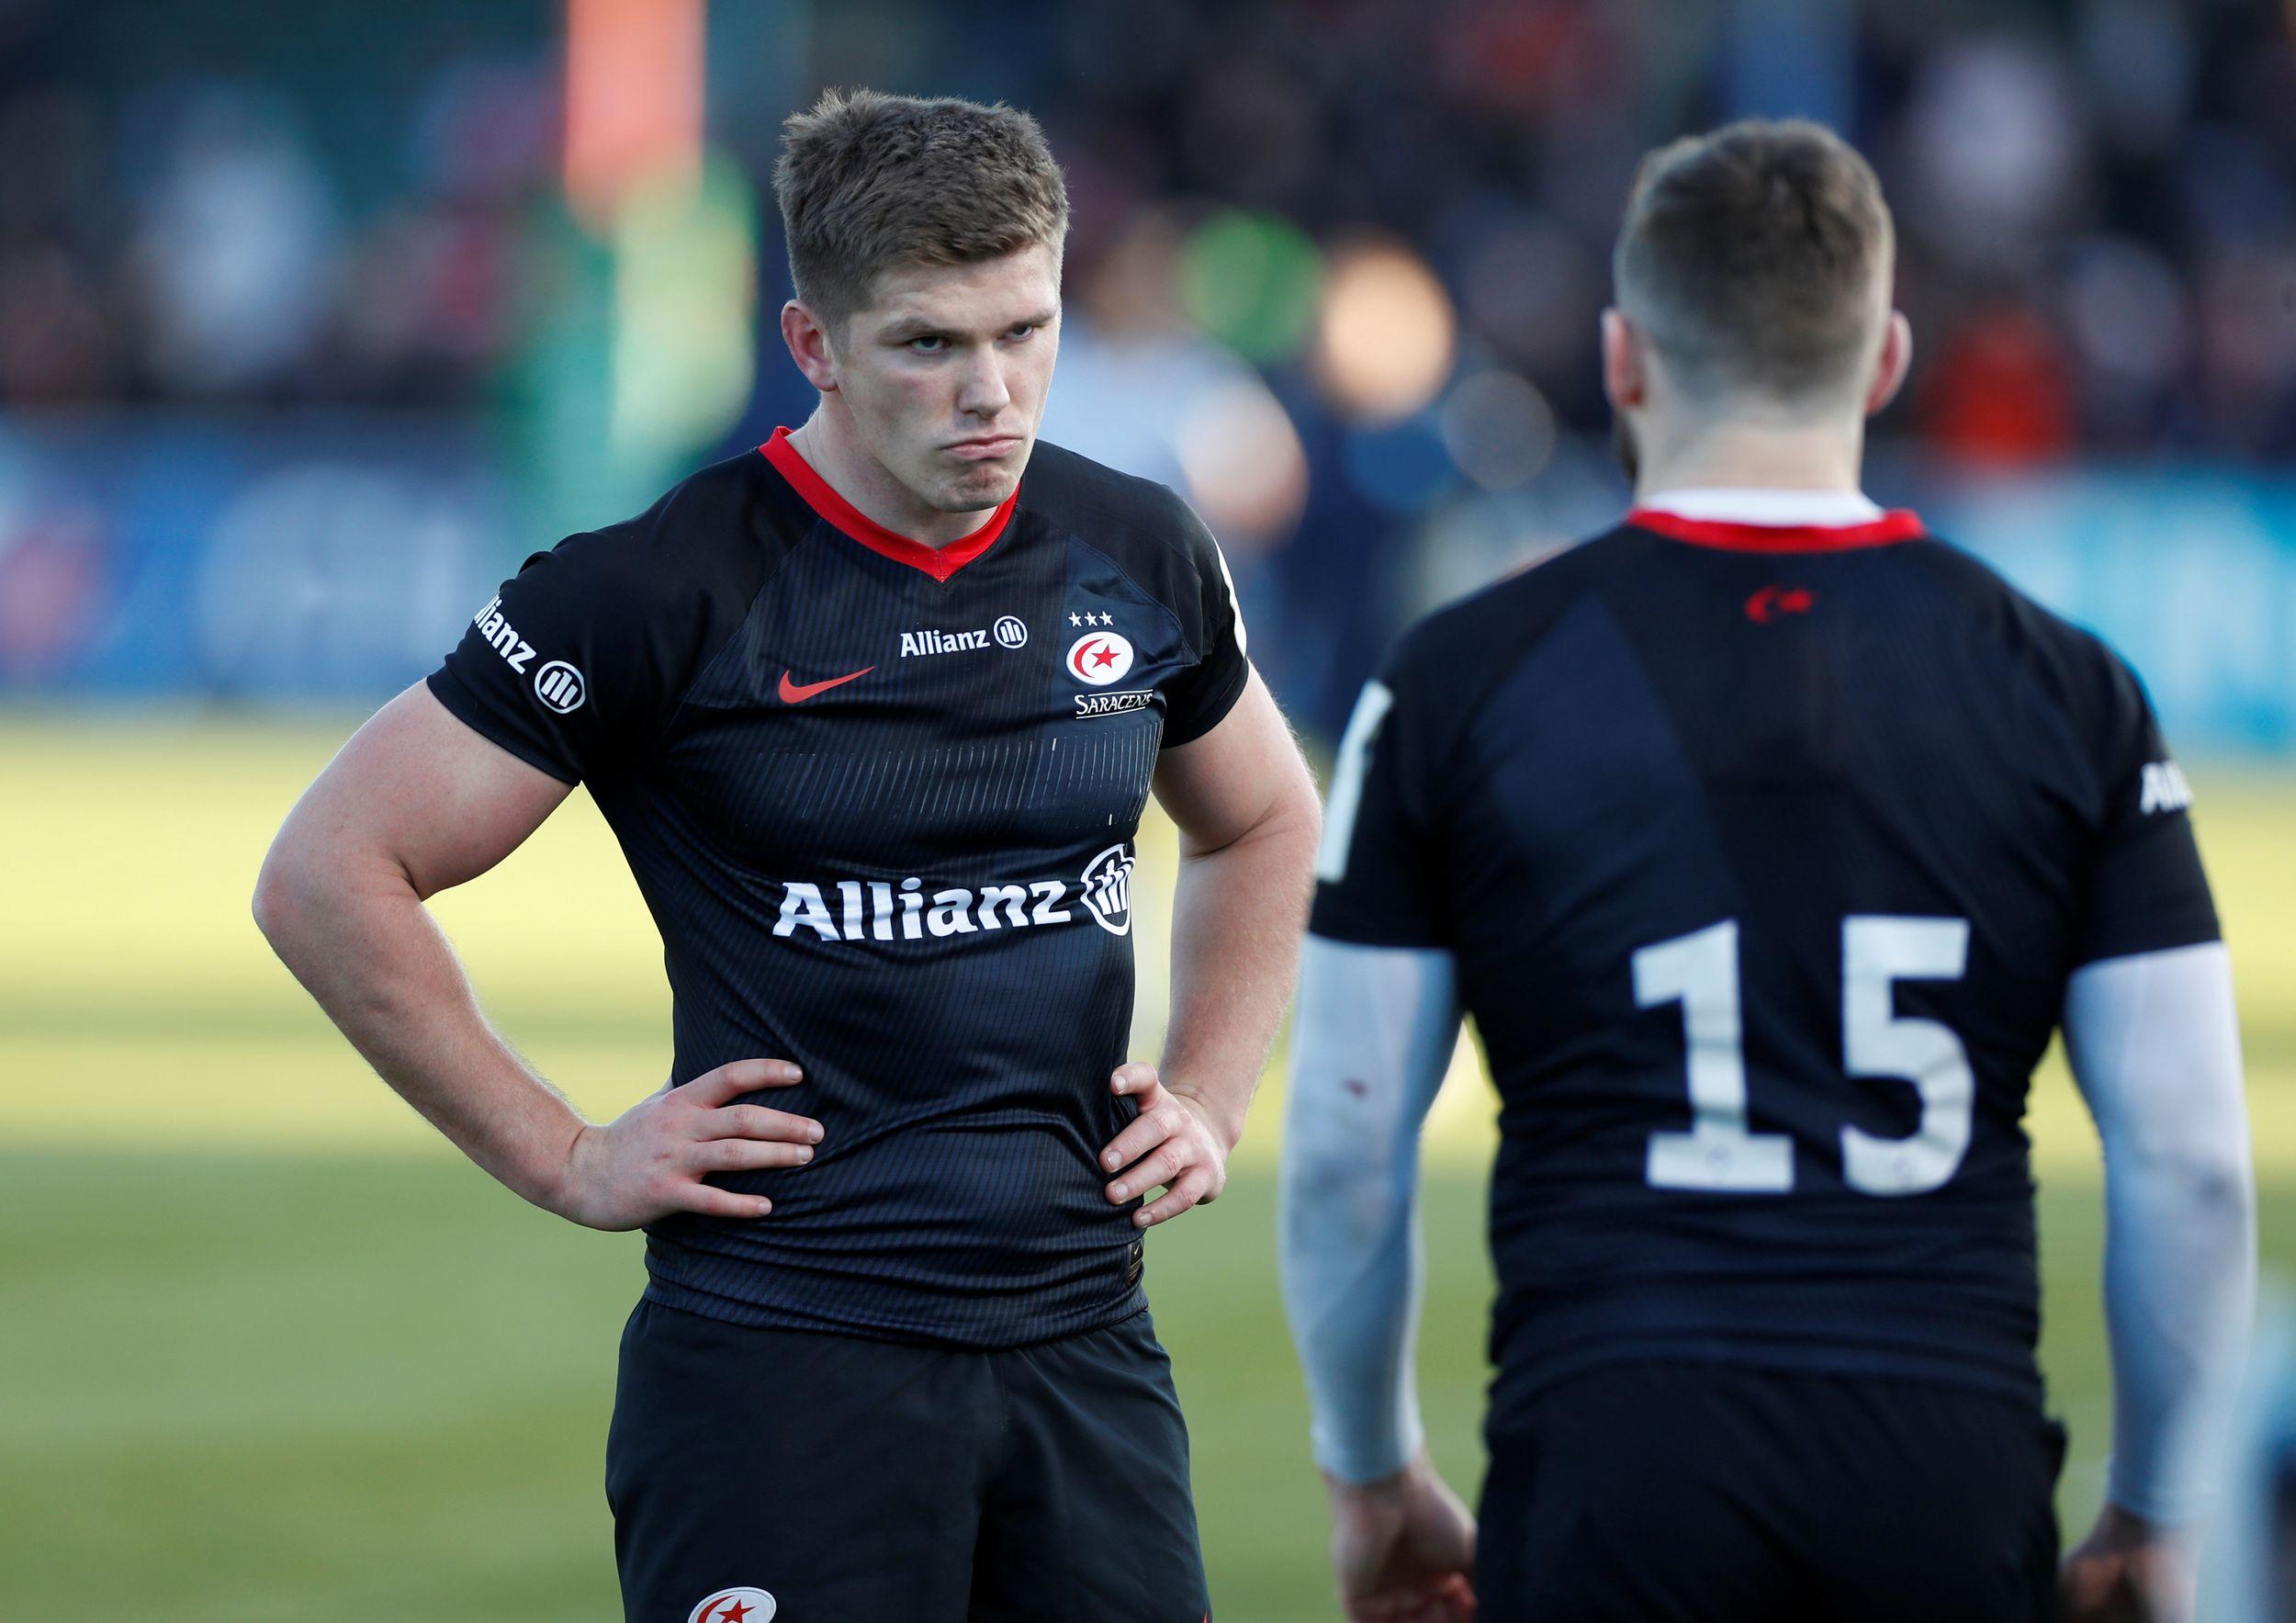 Rugby - Coupes d'Europe - Saracens : les derniers feux avant la liquidation